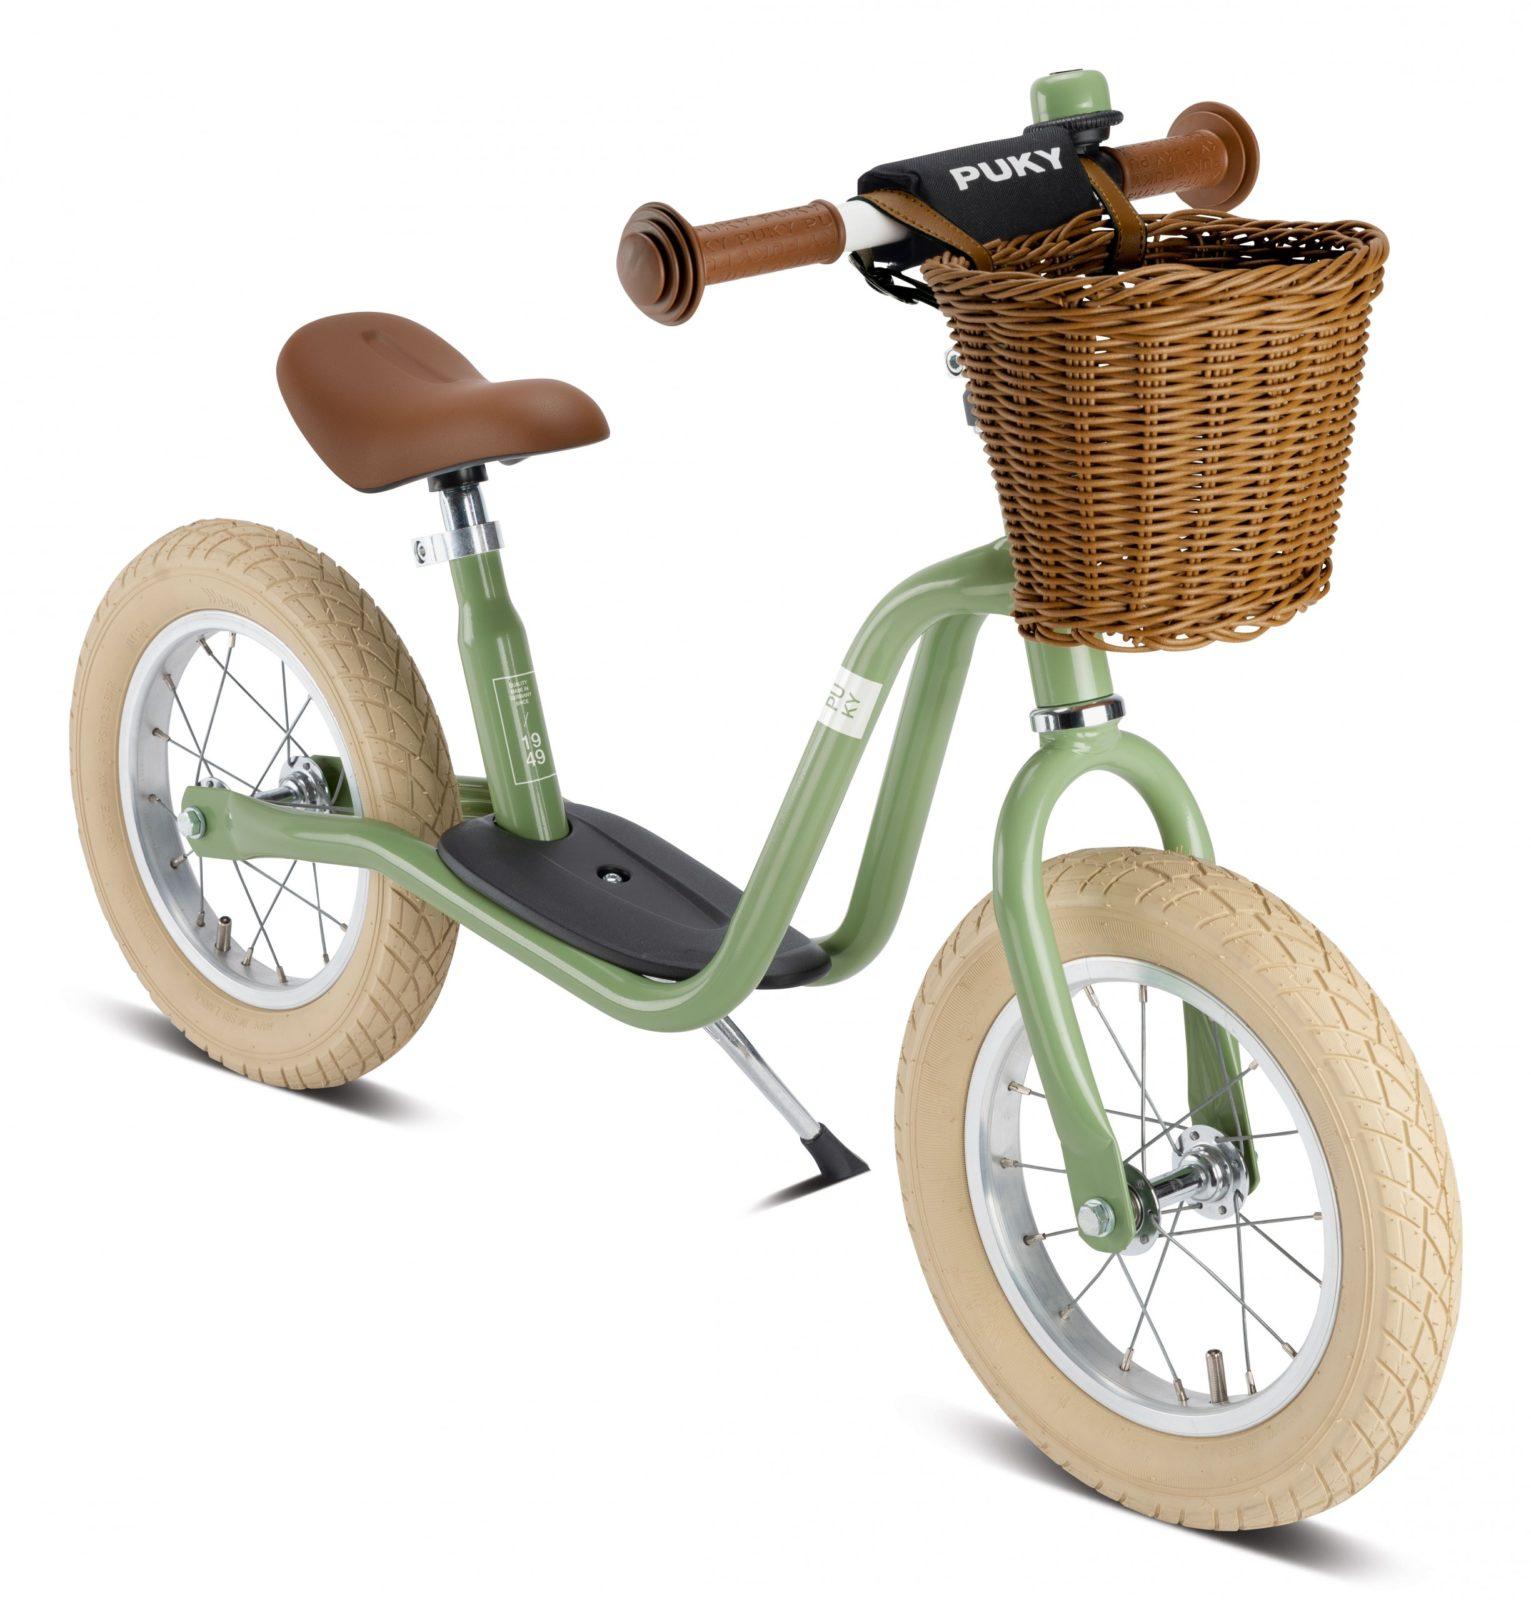 Viele kennen das markante, gelb-rote Laufrad von Puky aus ihrer eigenen Kindheit. Inzwischen bietet der Hersteller viele weitere Modelle an, darunter auch dieses trendige Retro-Modell in Grün. Ab 139,99 Euro. www.puky.de